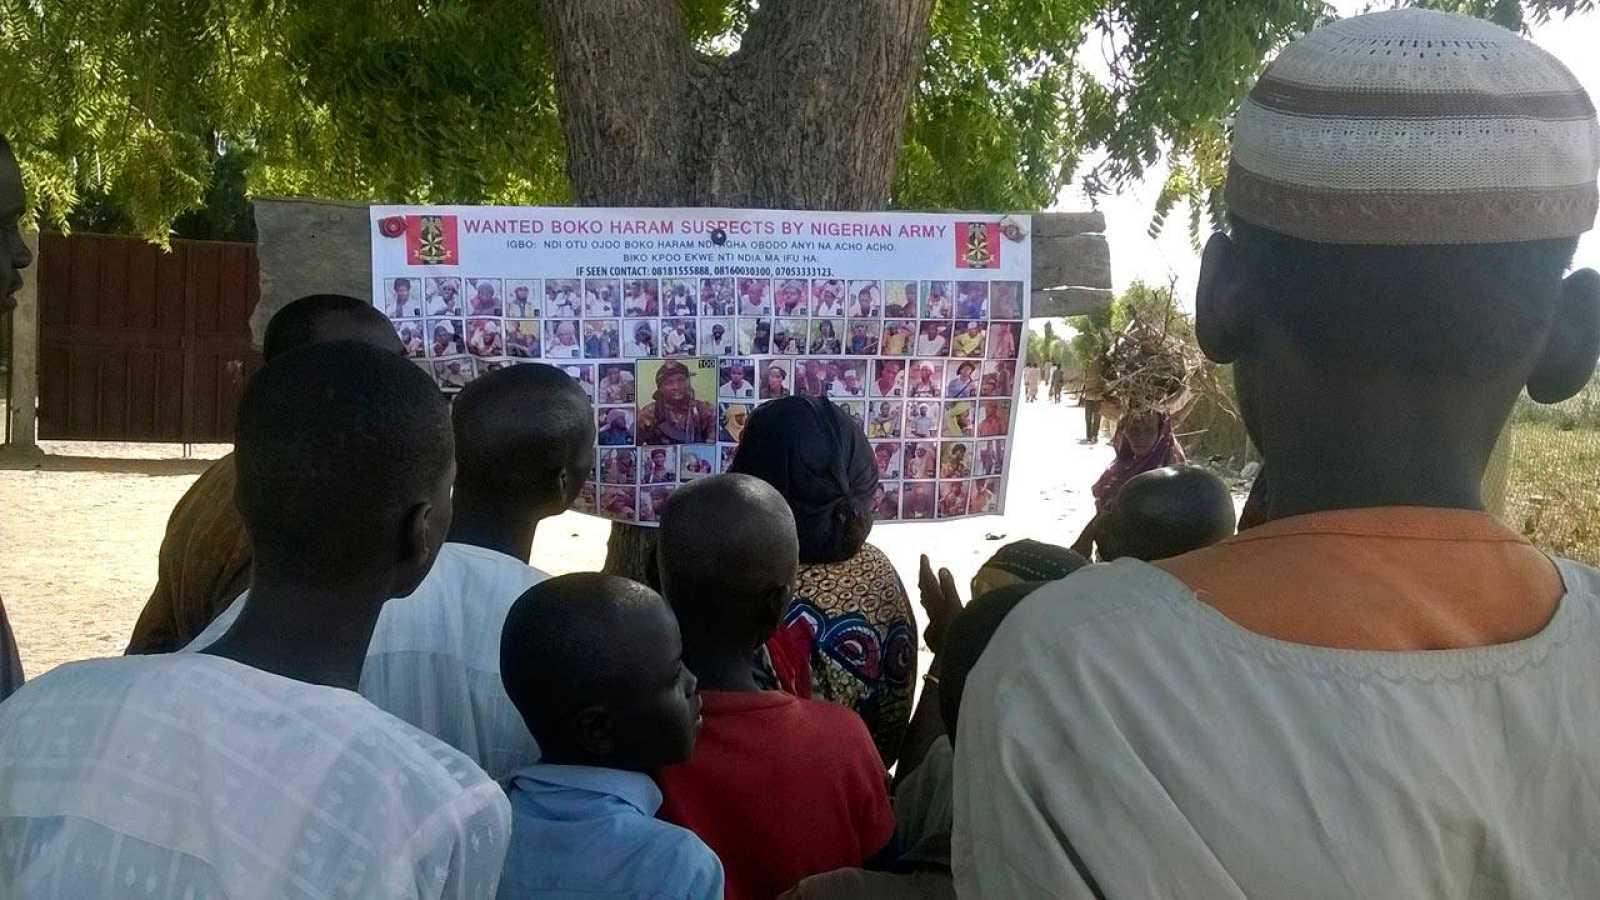 Un grupo de nigerianos observa un cartel con fotos de presuntos terroristas de Boko Haram en busca y captura